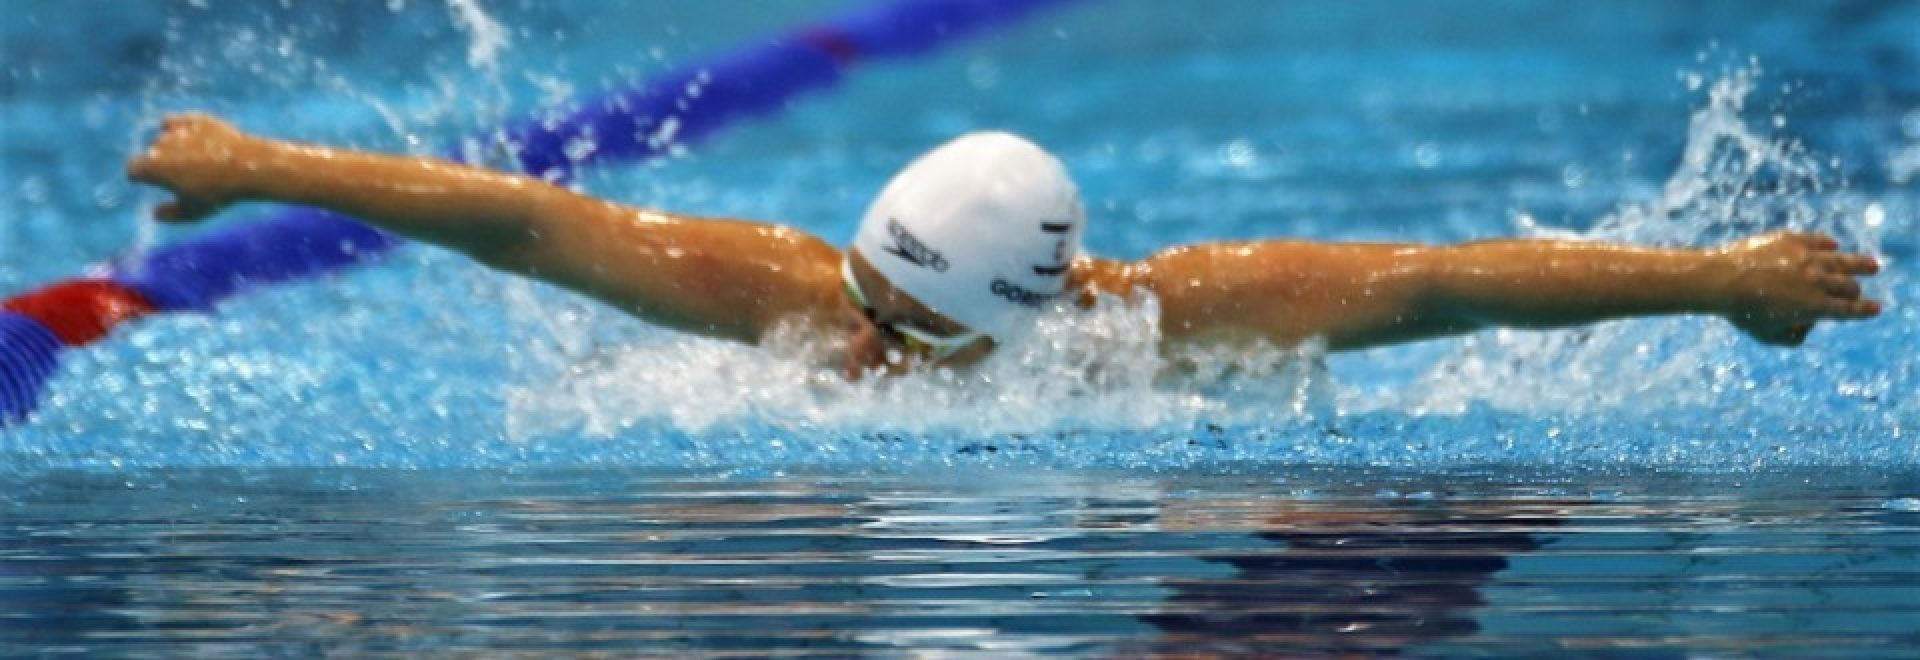 שחיינית שוחה בסגנון פרפר